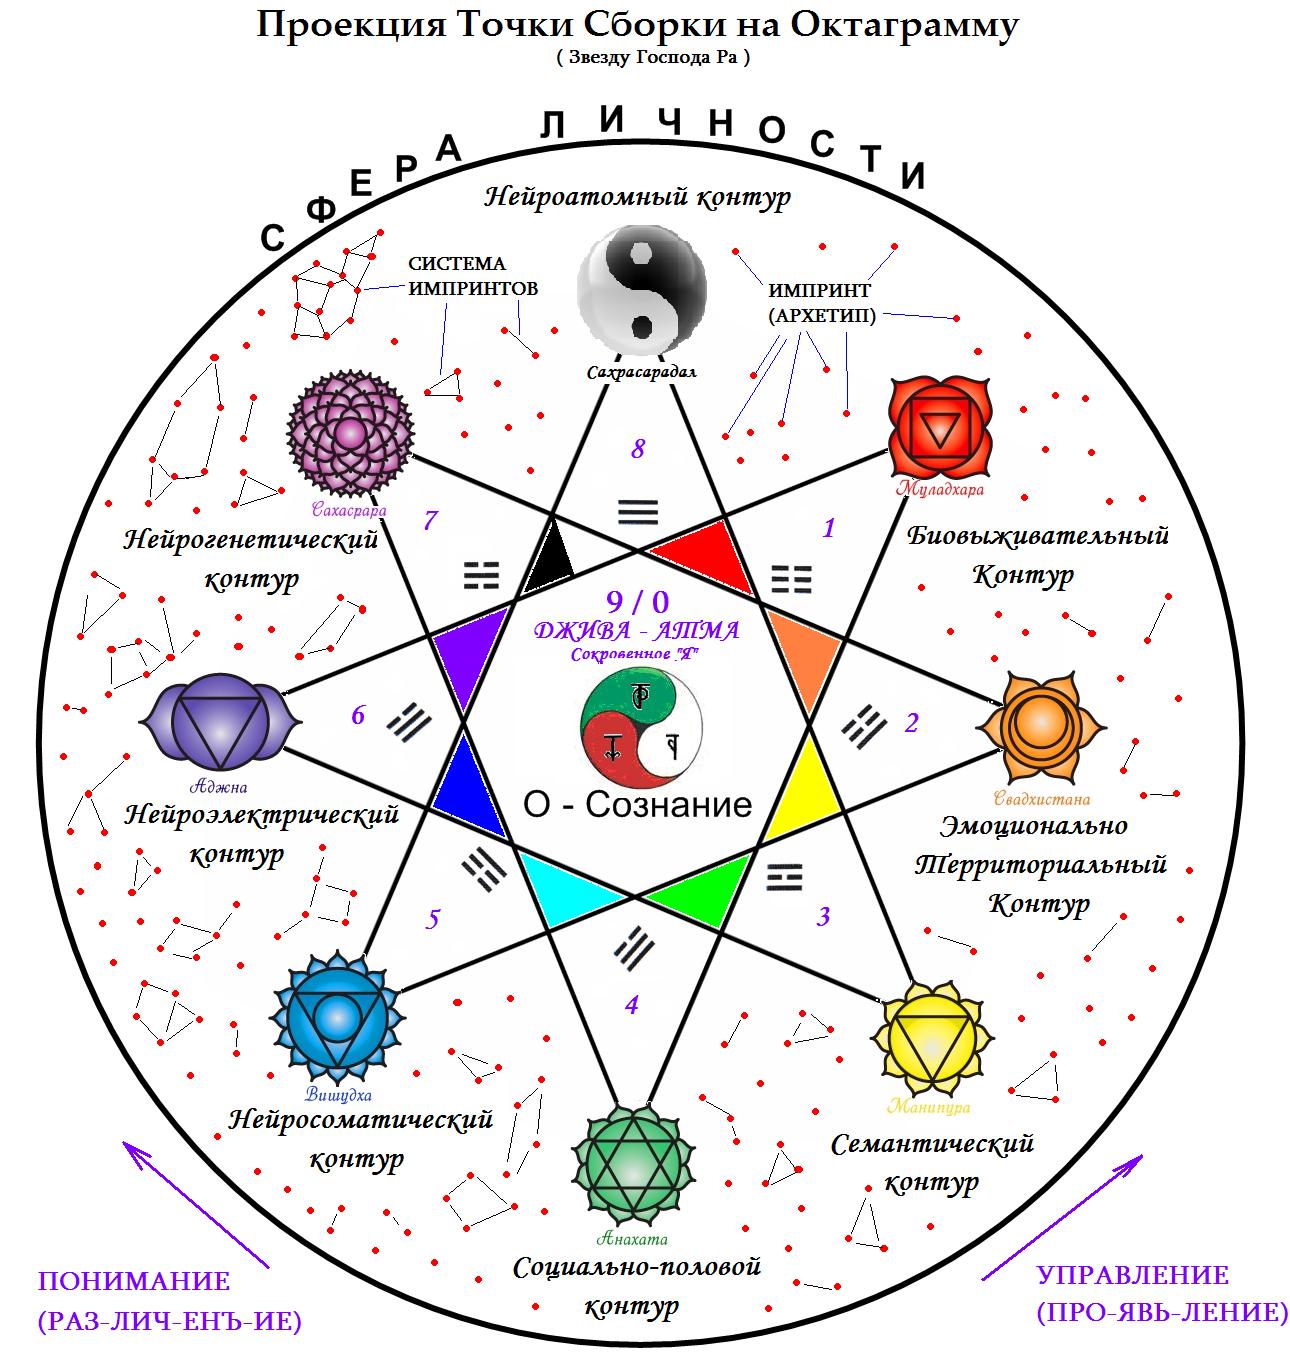 Астрология существует тысячелетия, и это лучшее подтверждение того, что она работает.